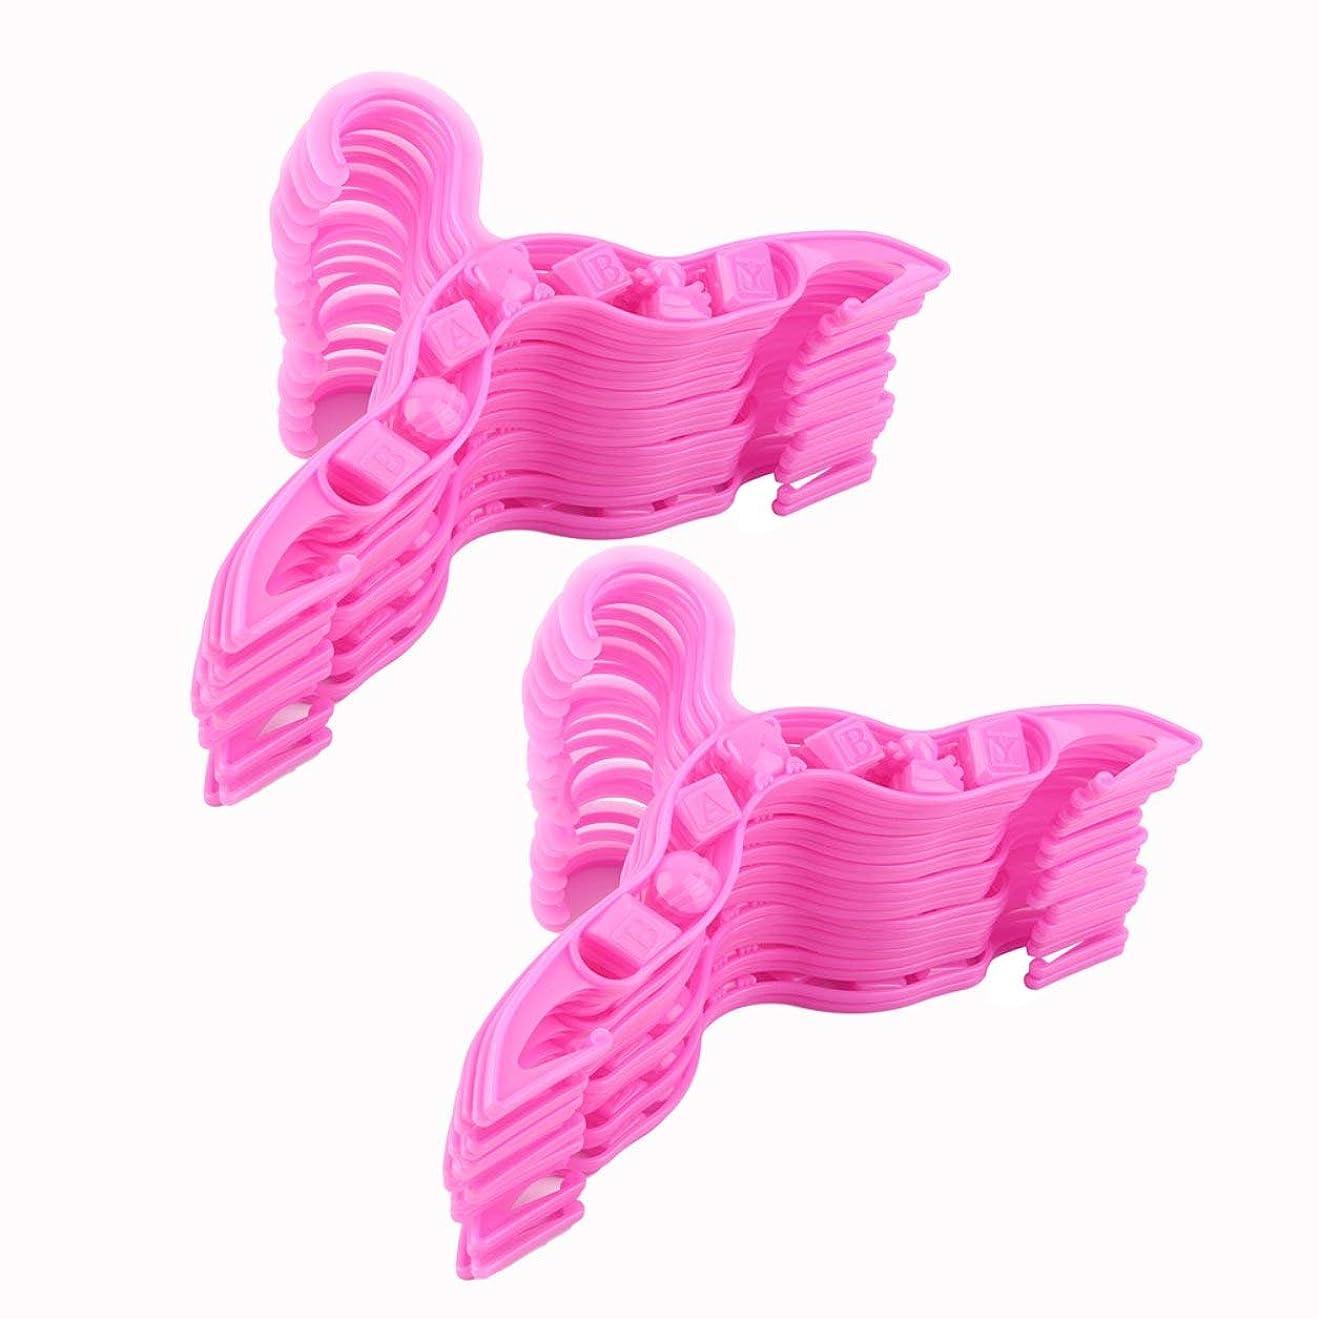 細胞ブロックコンパニオンSaikogoods 40個耐久性のあるプラスチックコート服ガーメントのズボンハンガー子供のためのベビーワールドワイド?ストア ピンク